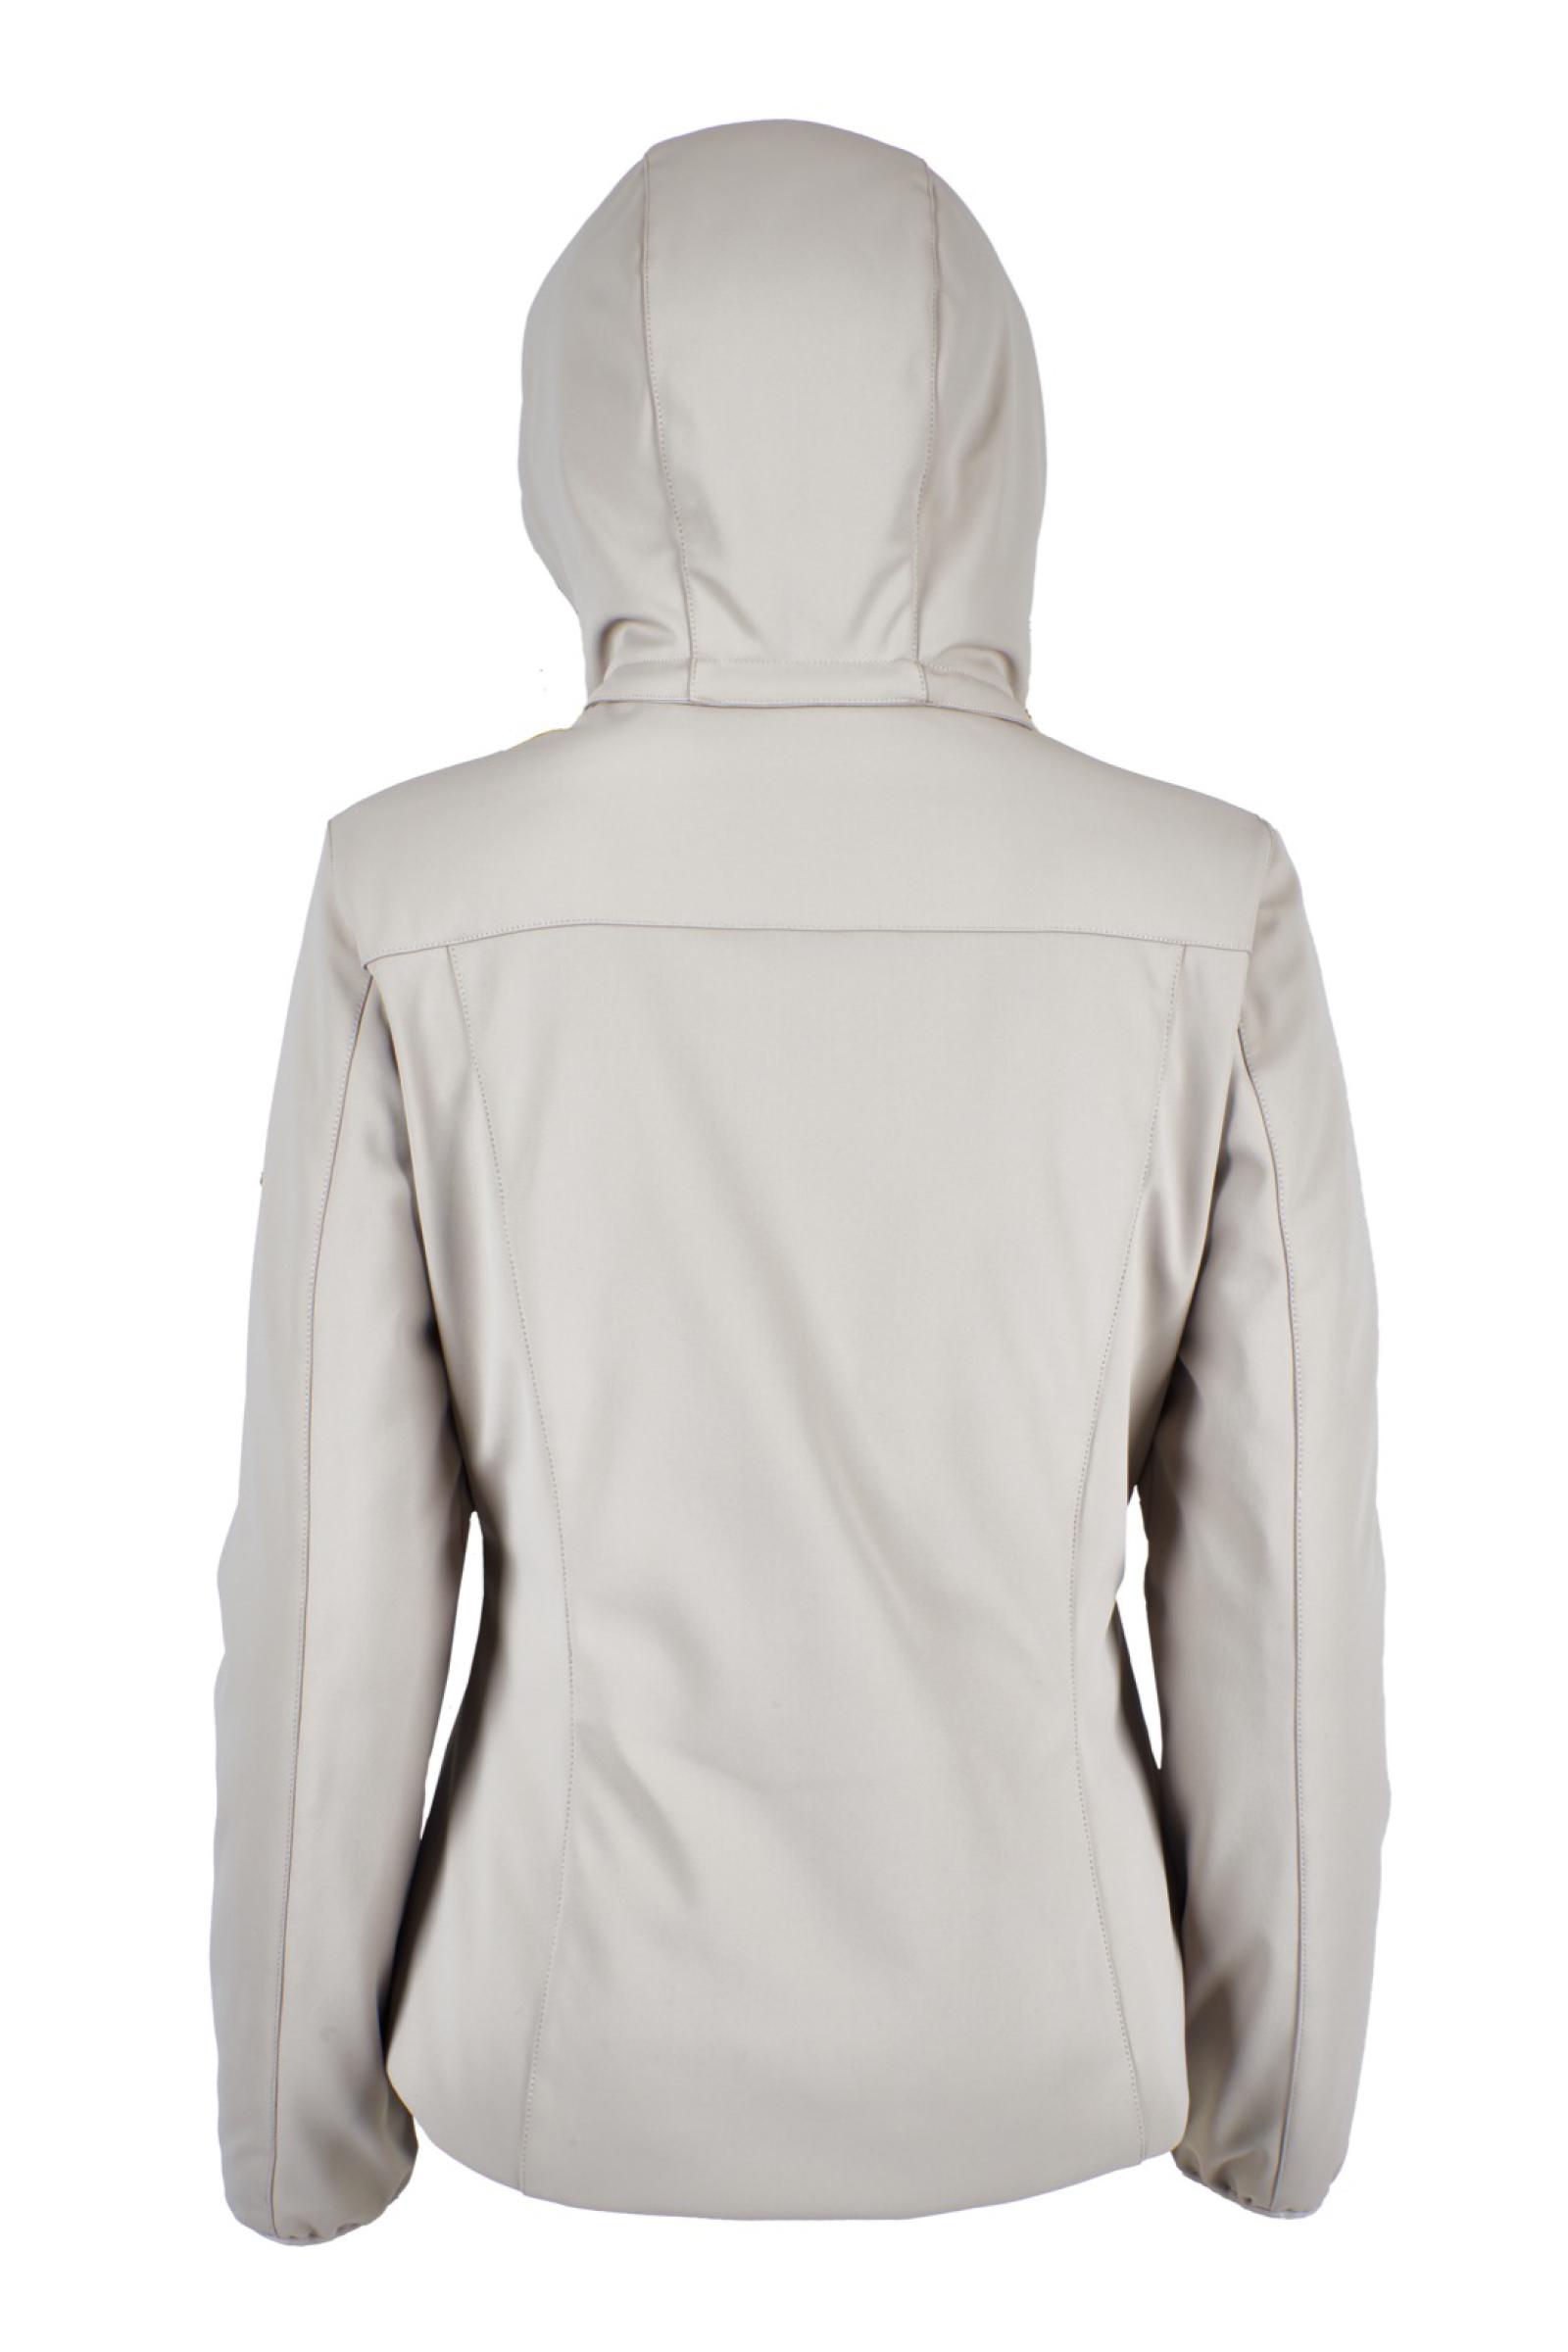 YES ZEE Woman Jacket YES.ZEE | Jacket | J047 L3000245